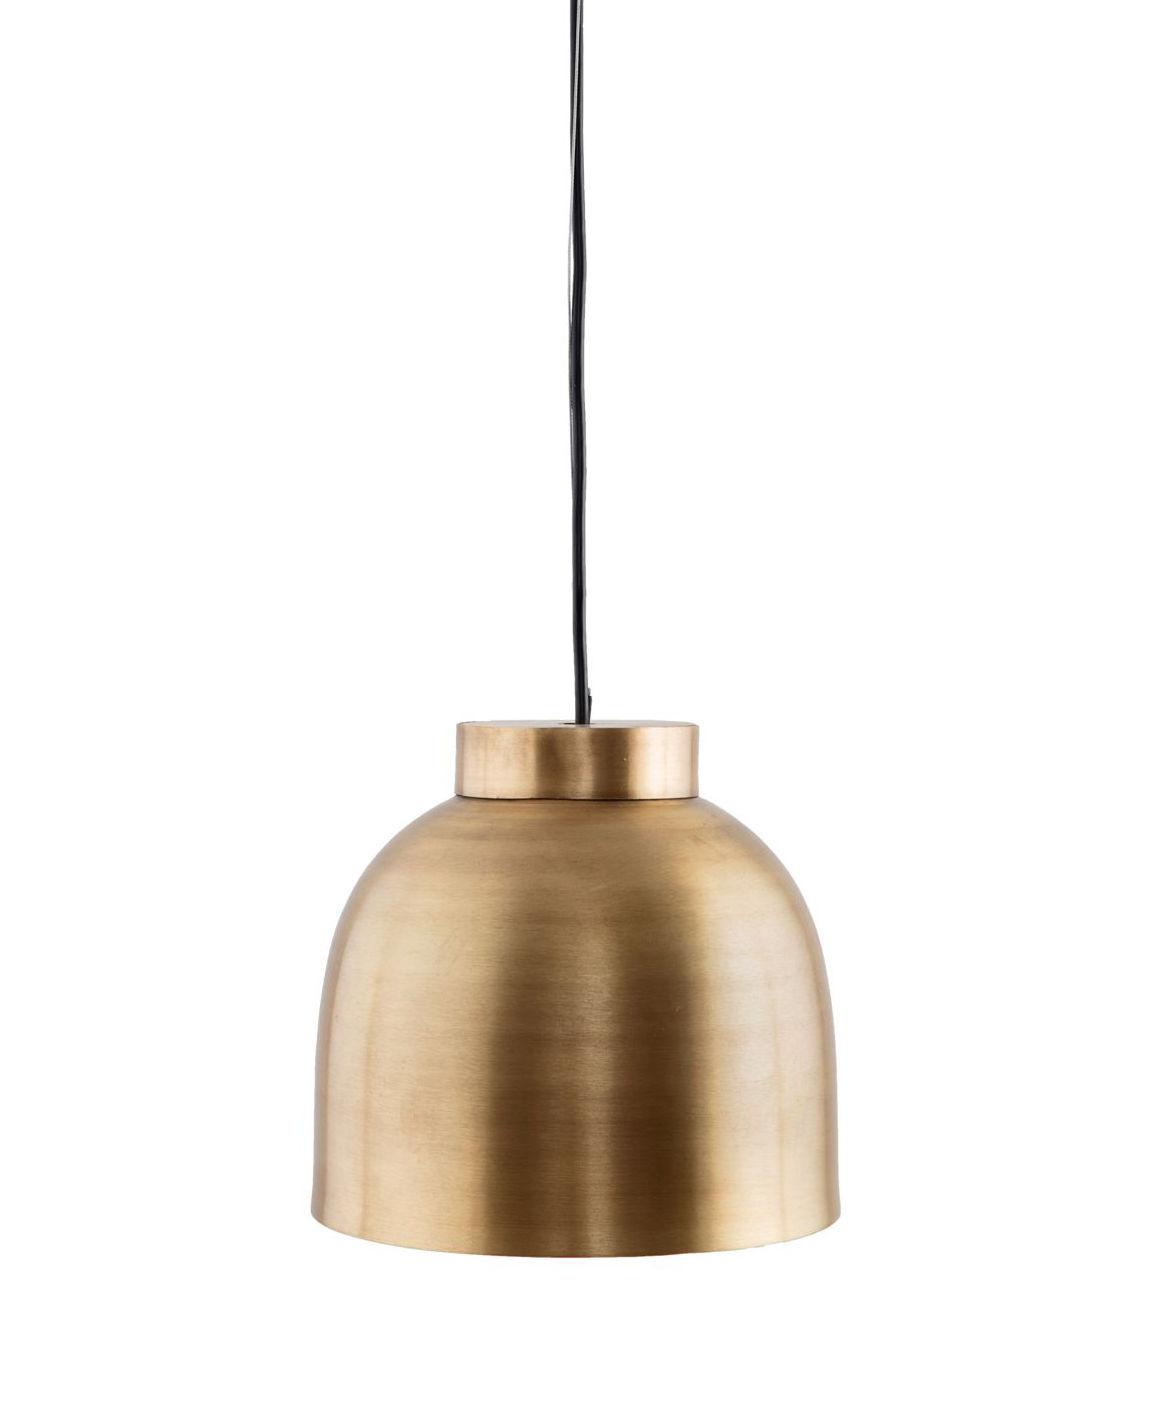 Illuminazione - Lampadari - Sospensione Bowl Small - / Ottone - Ø 22 cm di House Doctor - Small / Ottone - Ottone